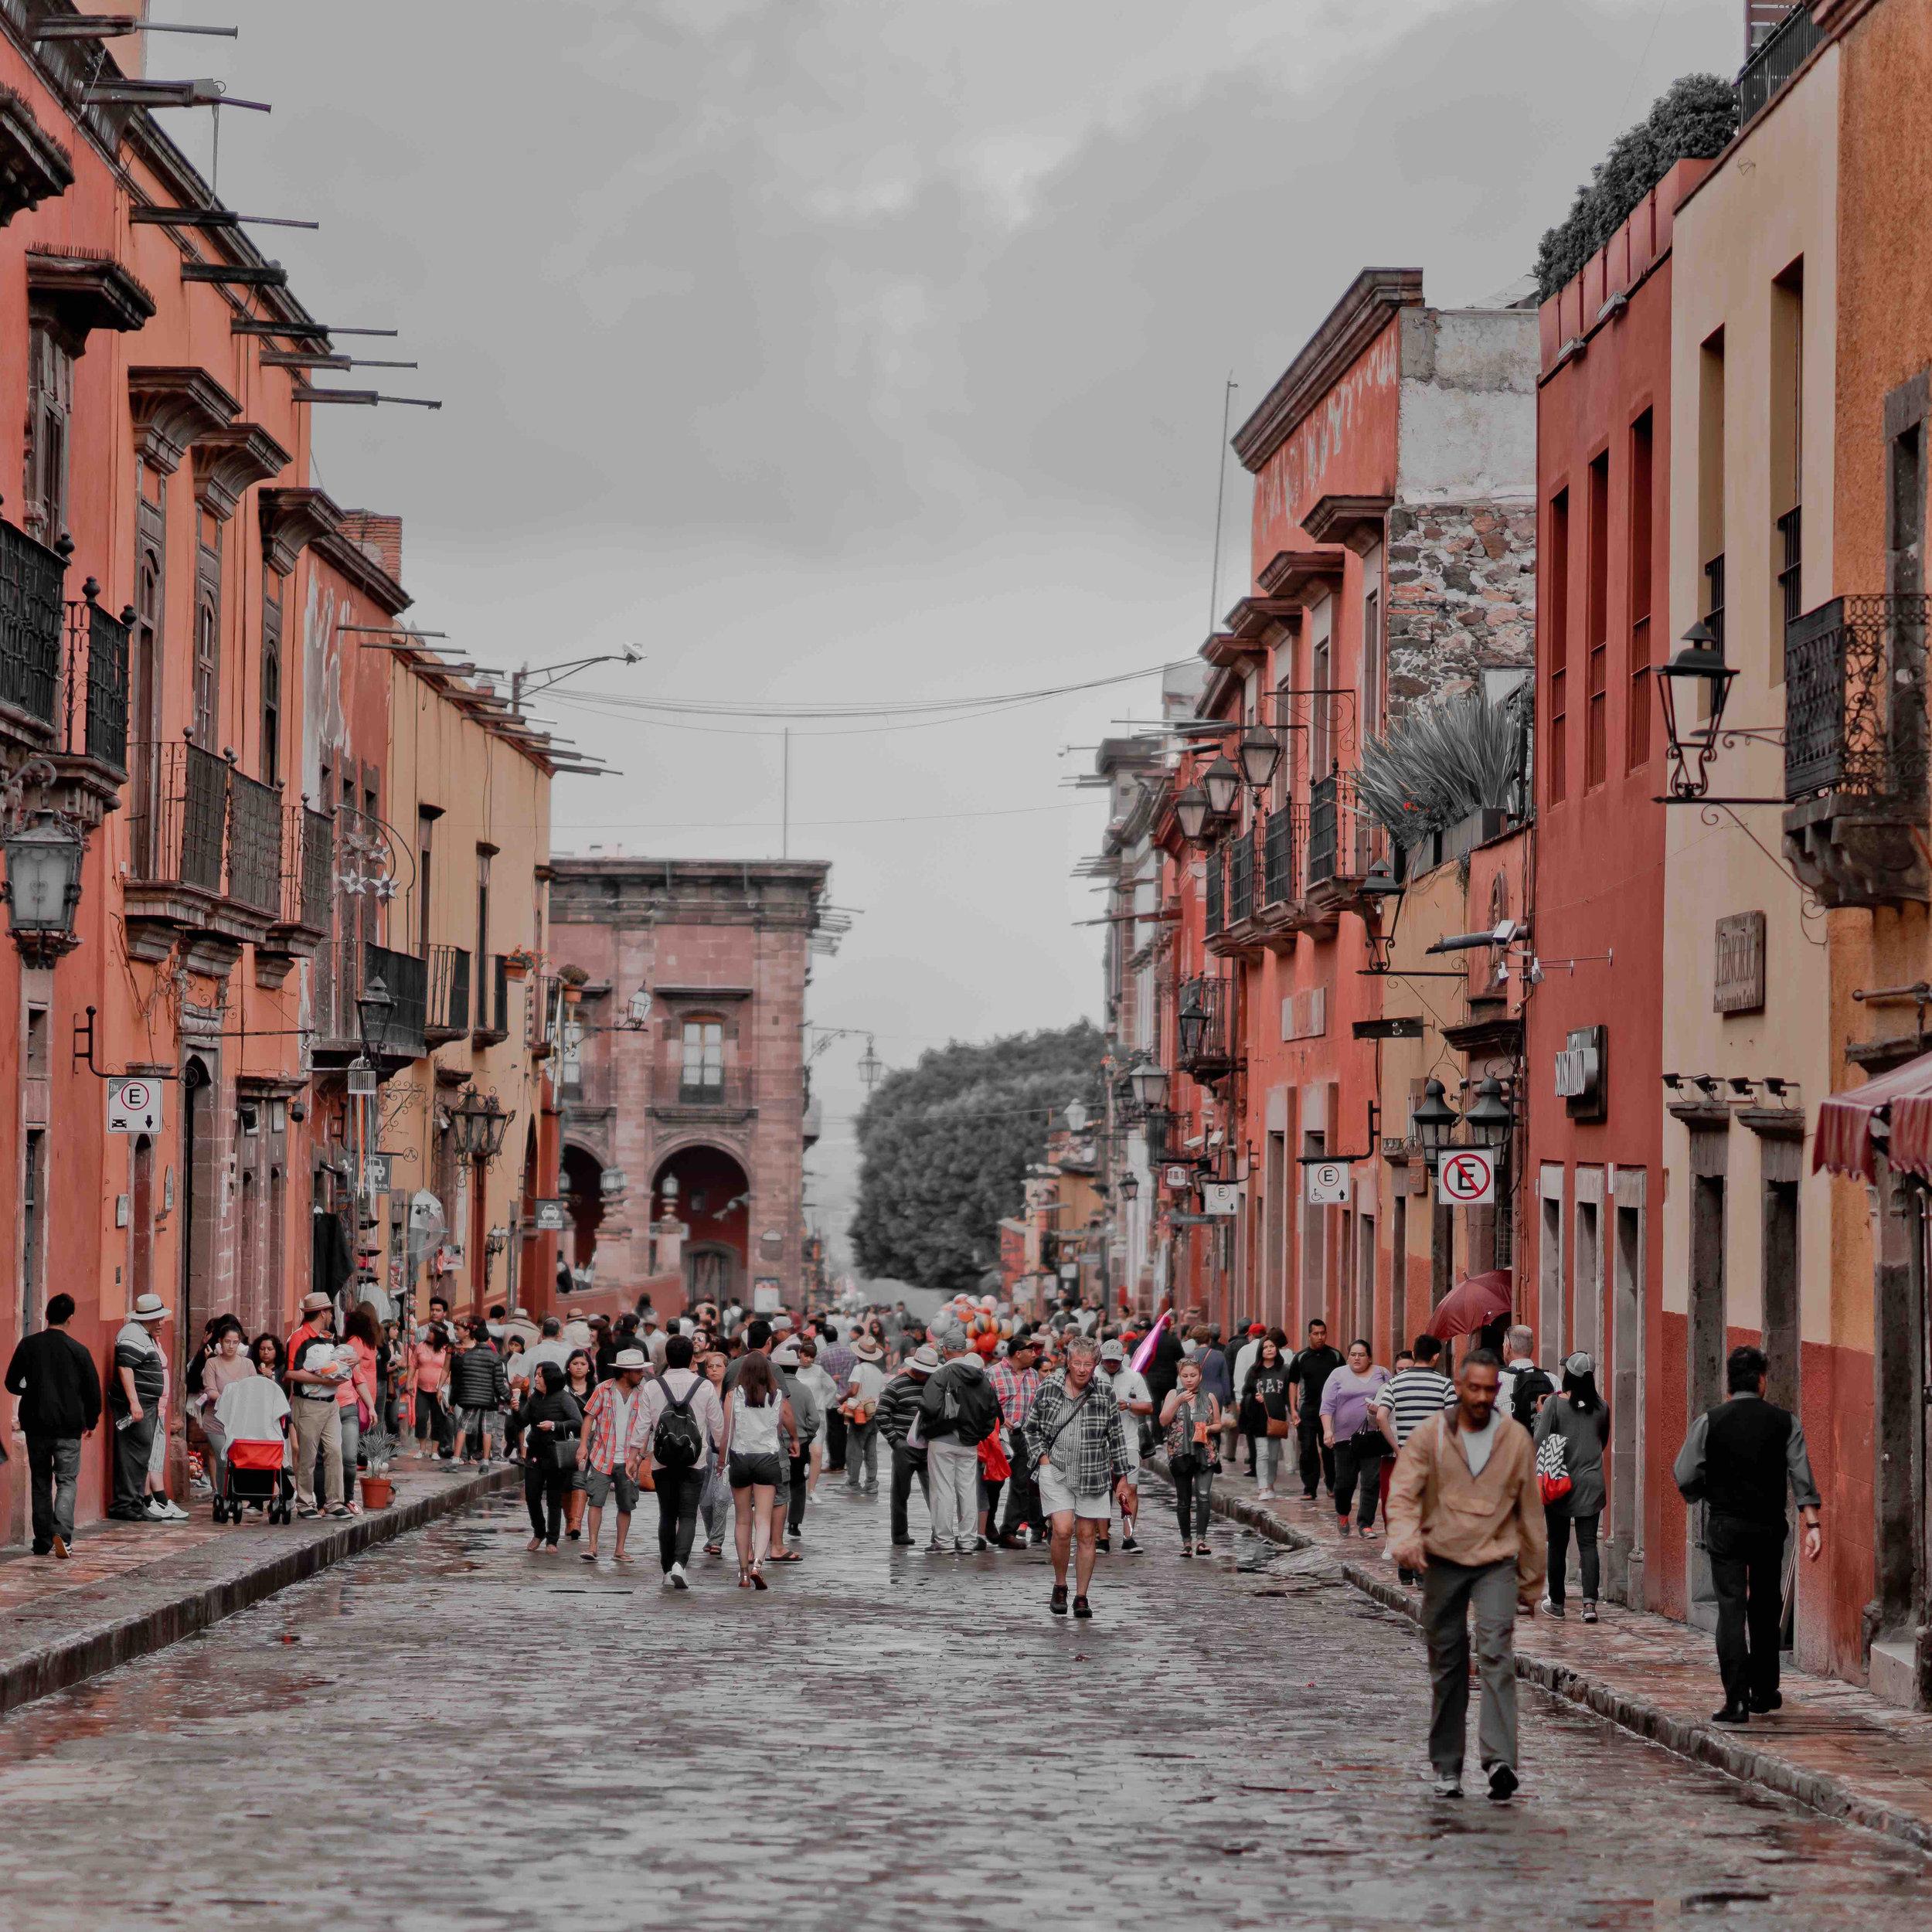 San Miguel de Allende -